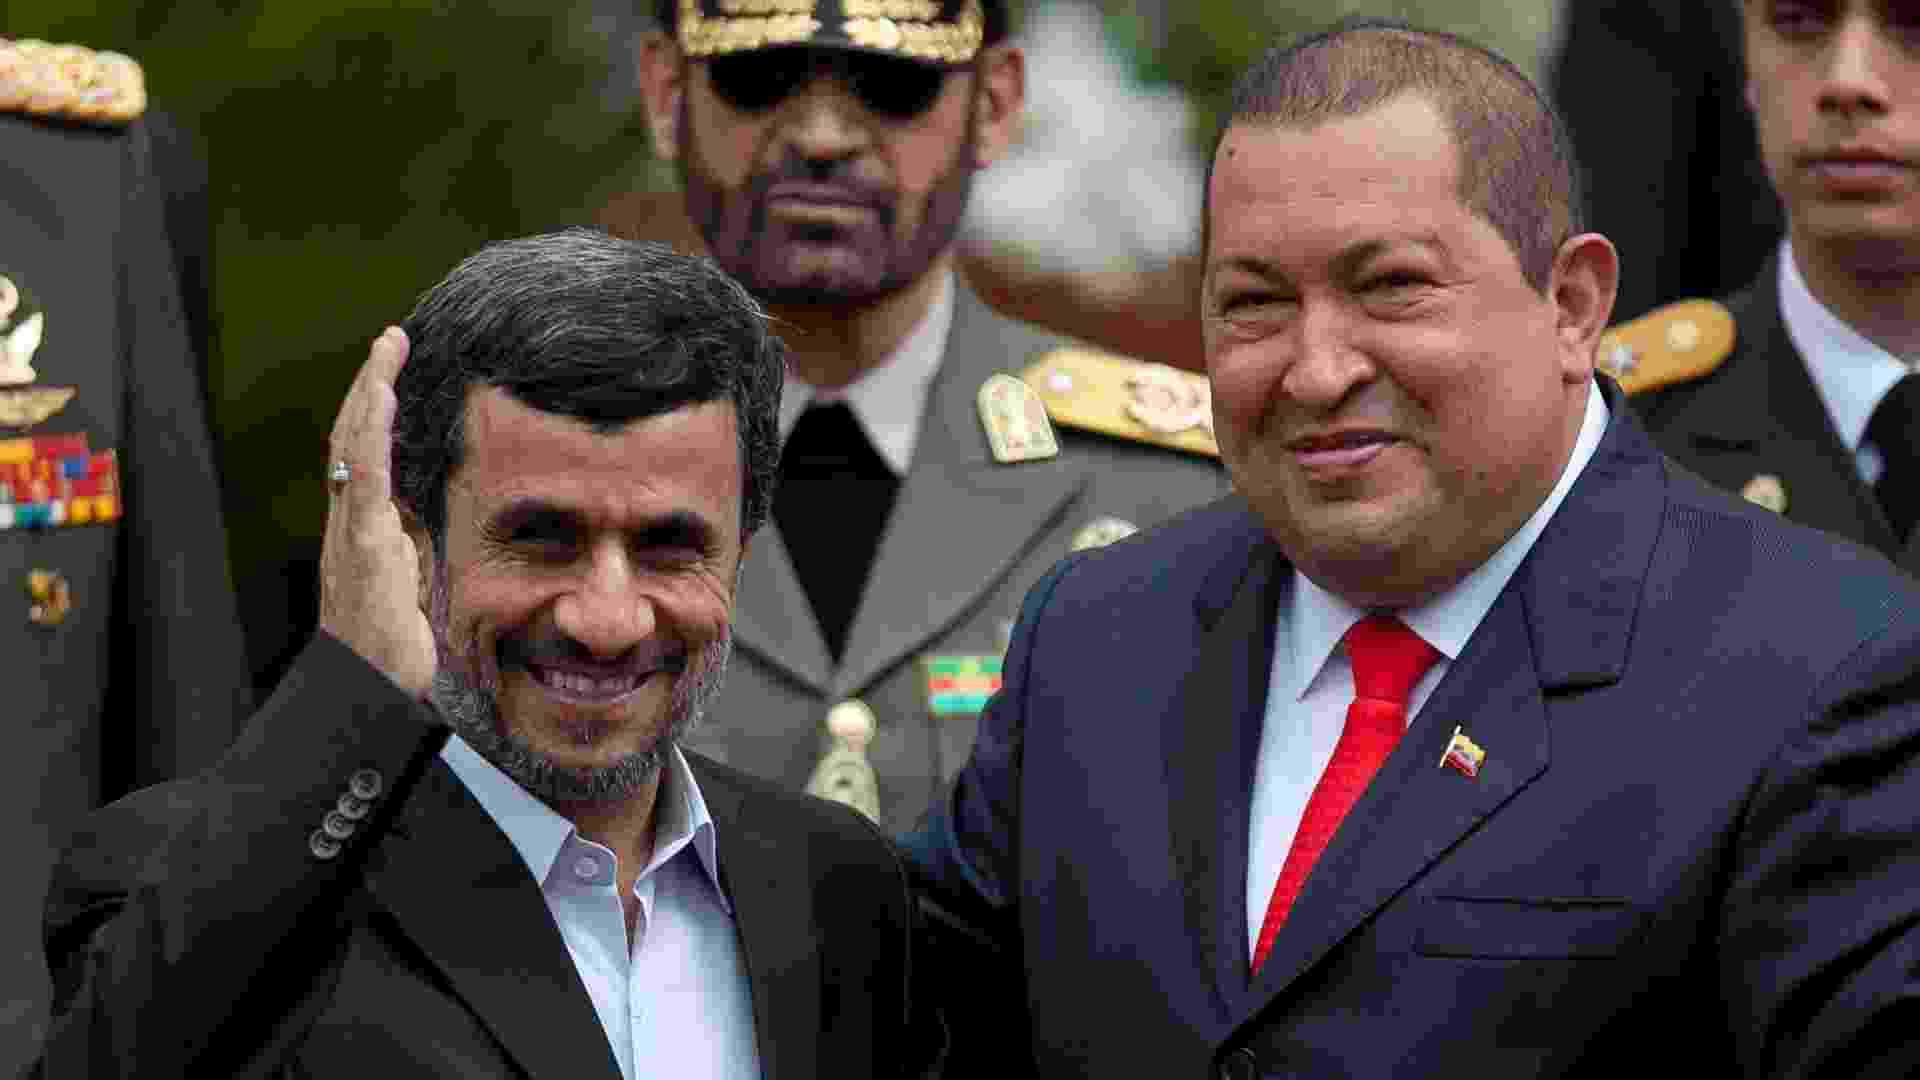 """6.3.2013 - Os presidentes do Irã, Mahmou Ahmadinejad, e da Venezuela, Hugo Chávez, acenam para público após encontro em Caracas em janeiro do ano passado. Hugo Chávez (à dir.), recebeu presidente iraniano no Palácio de Miraflores. O venezuelano reforçou durante o encontro frear a """"loucura imperialista"""" dos Estados Unidos e enfatizou a importância de continuar a colaboracão bilateral com o Irã. - Boris Vergara/EFE"""